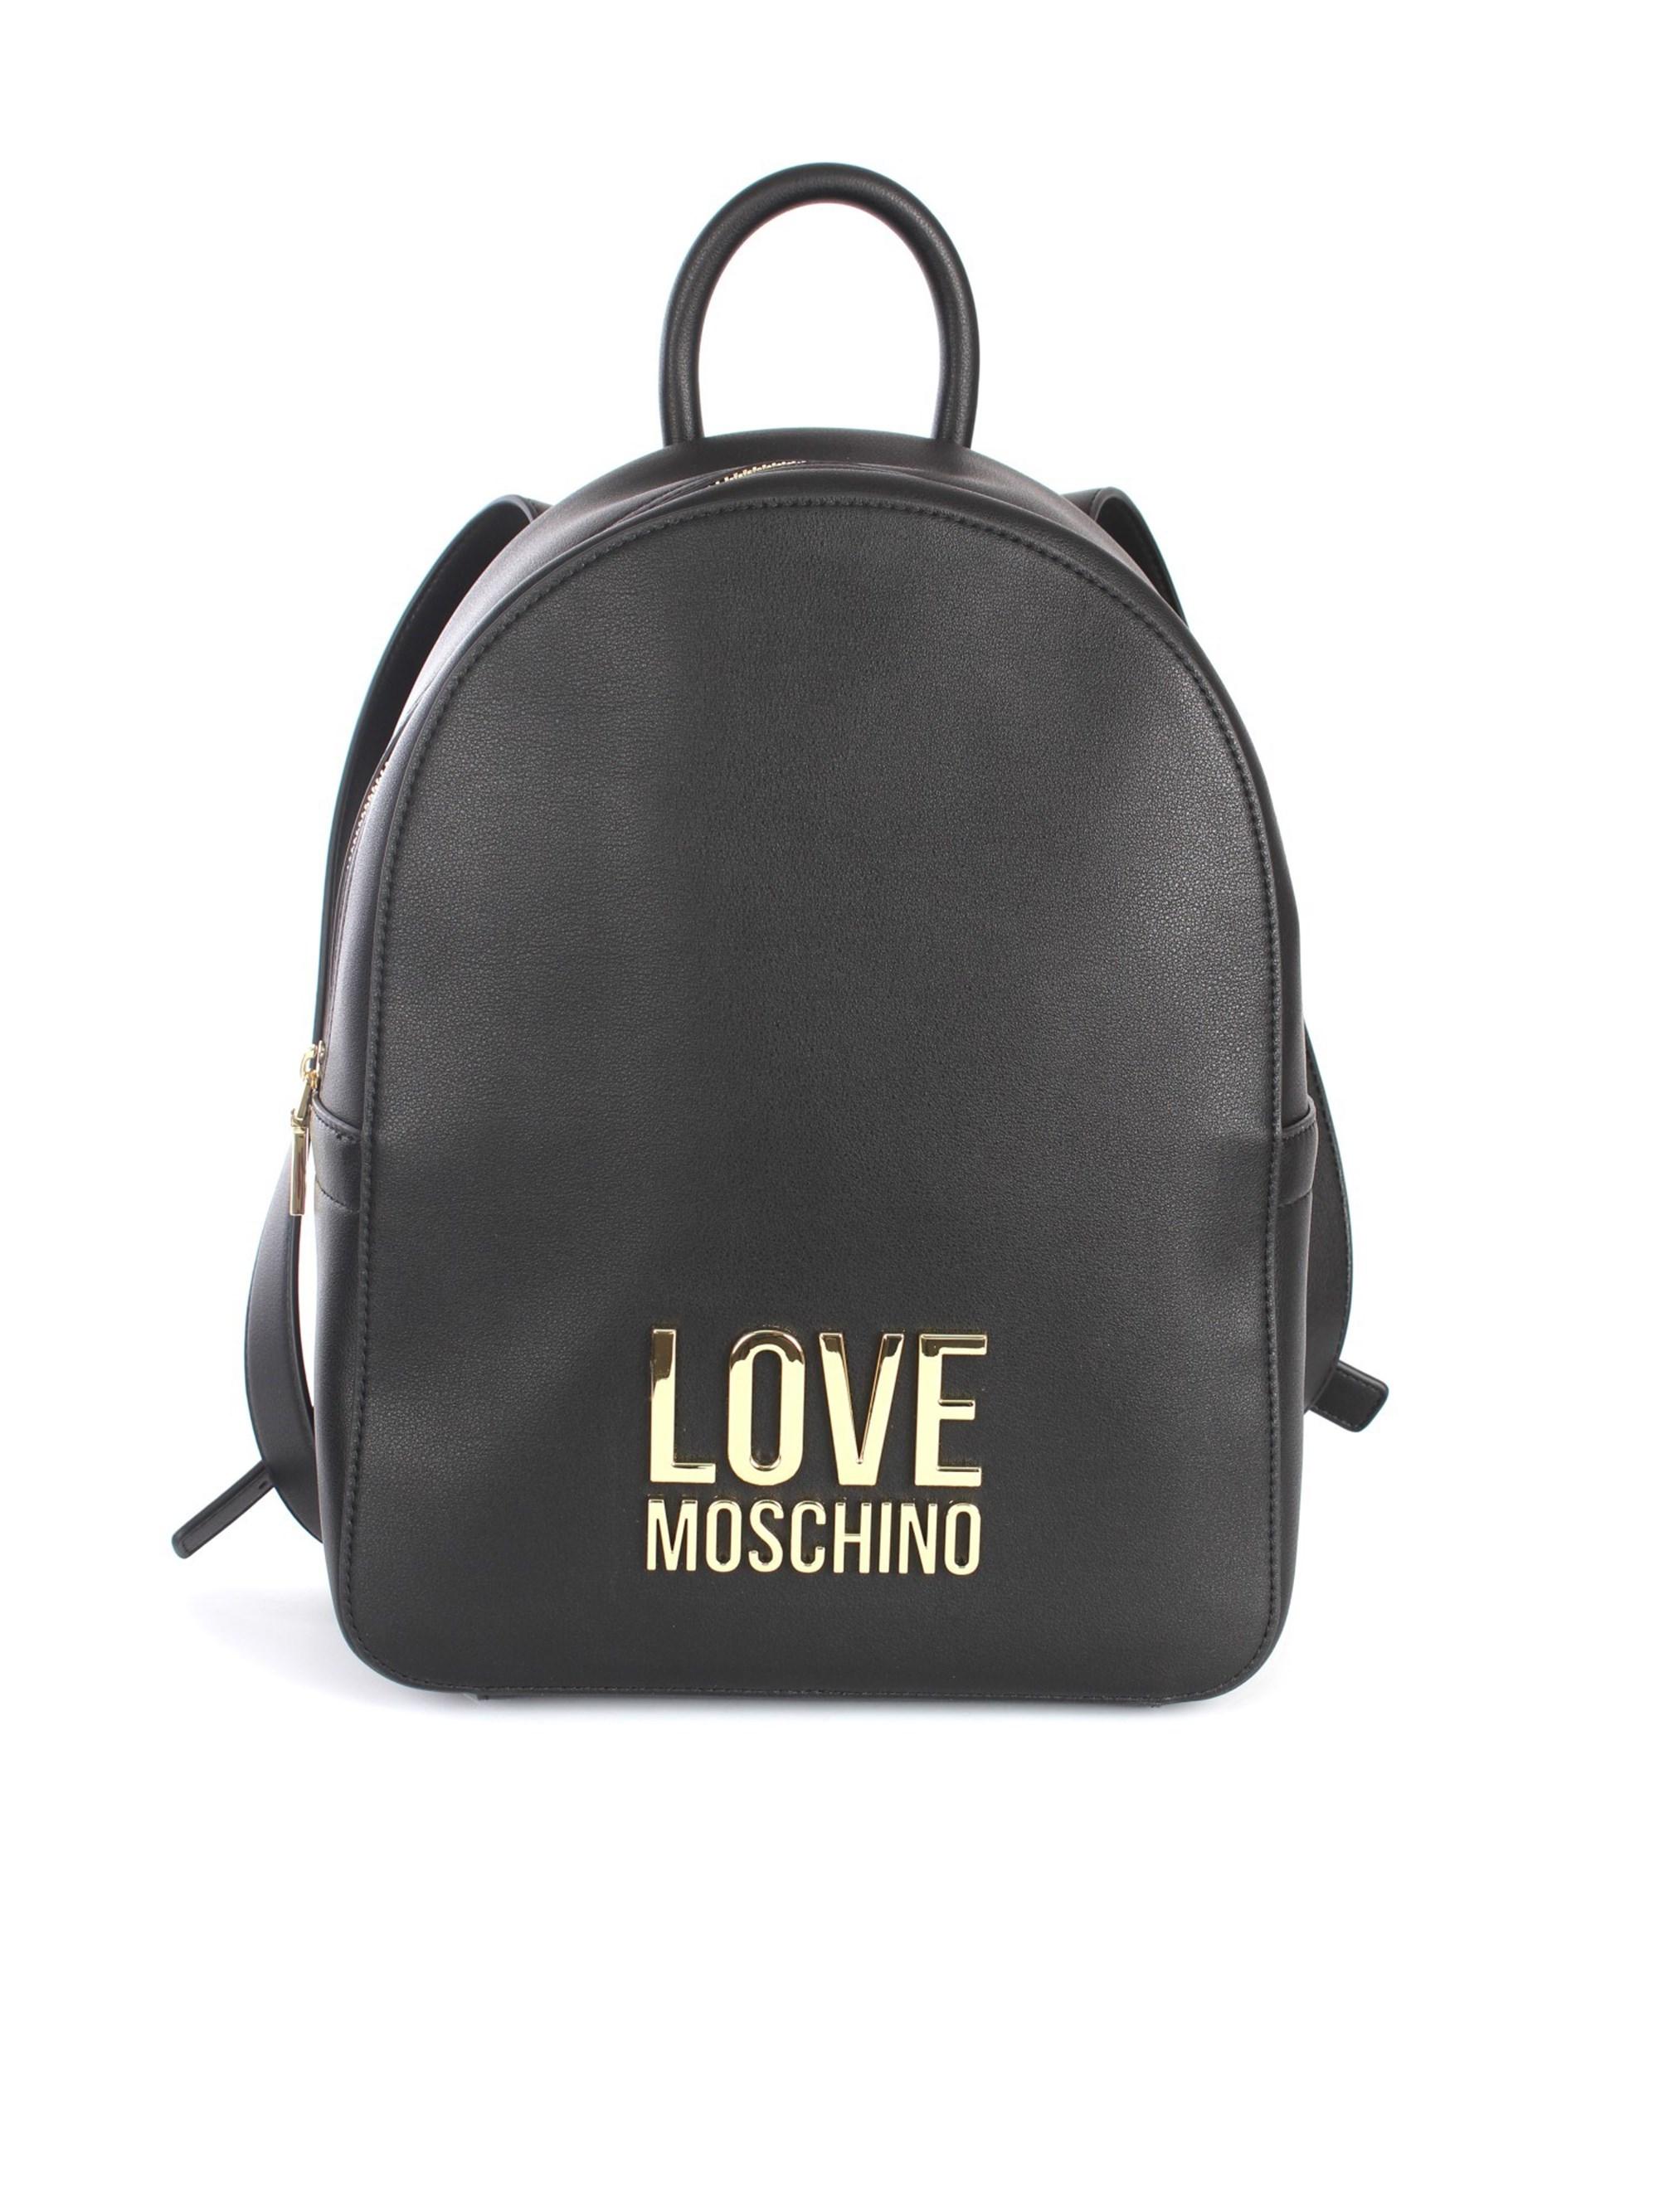 Handtaschen Damen schwarz günstig online kaufen